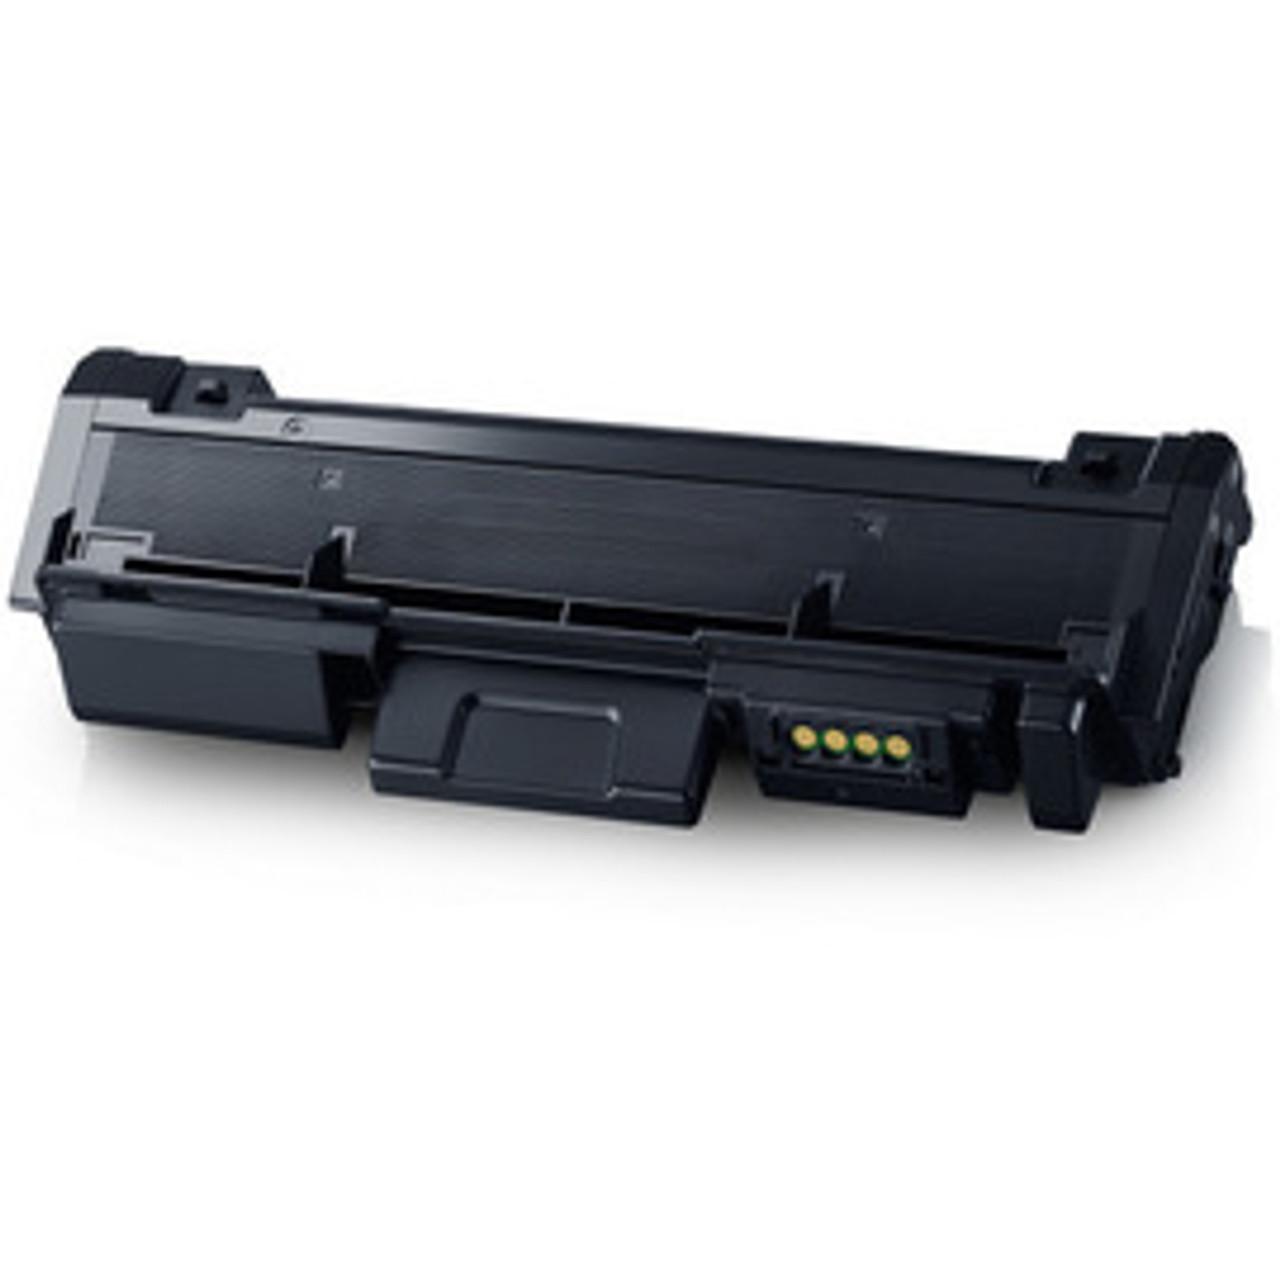 6 PK MLT-D116L Black Toner Cartridges for Samsung SL-M2835DW M2885FW M2625D